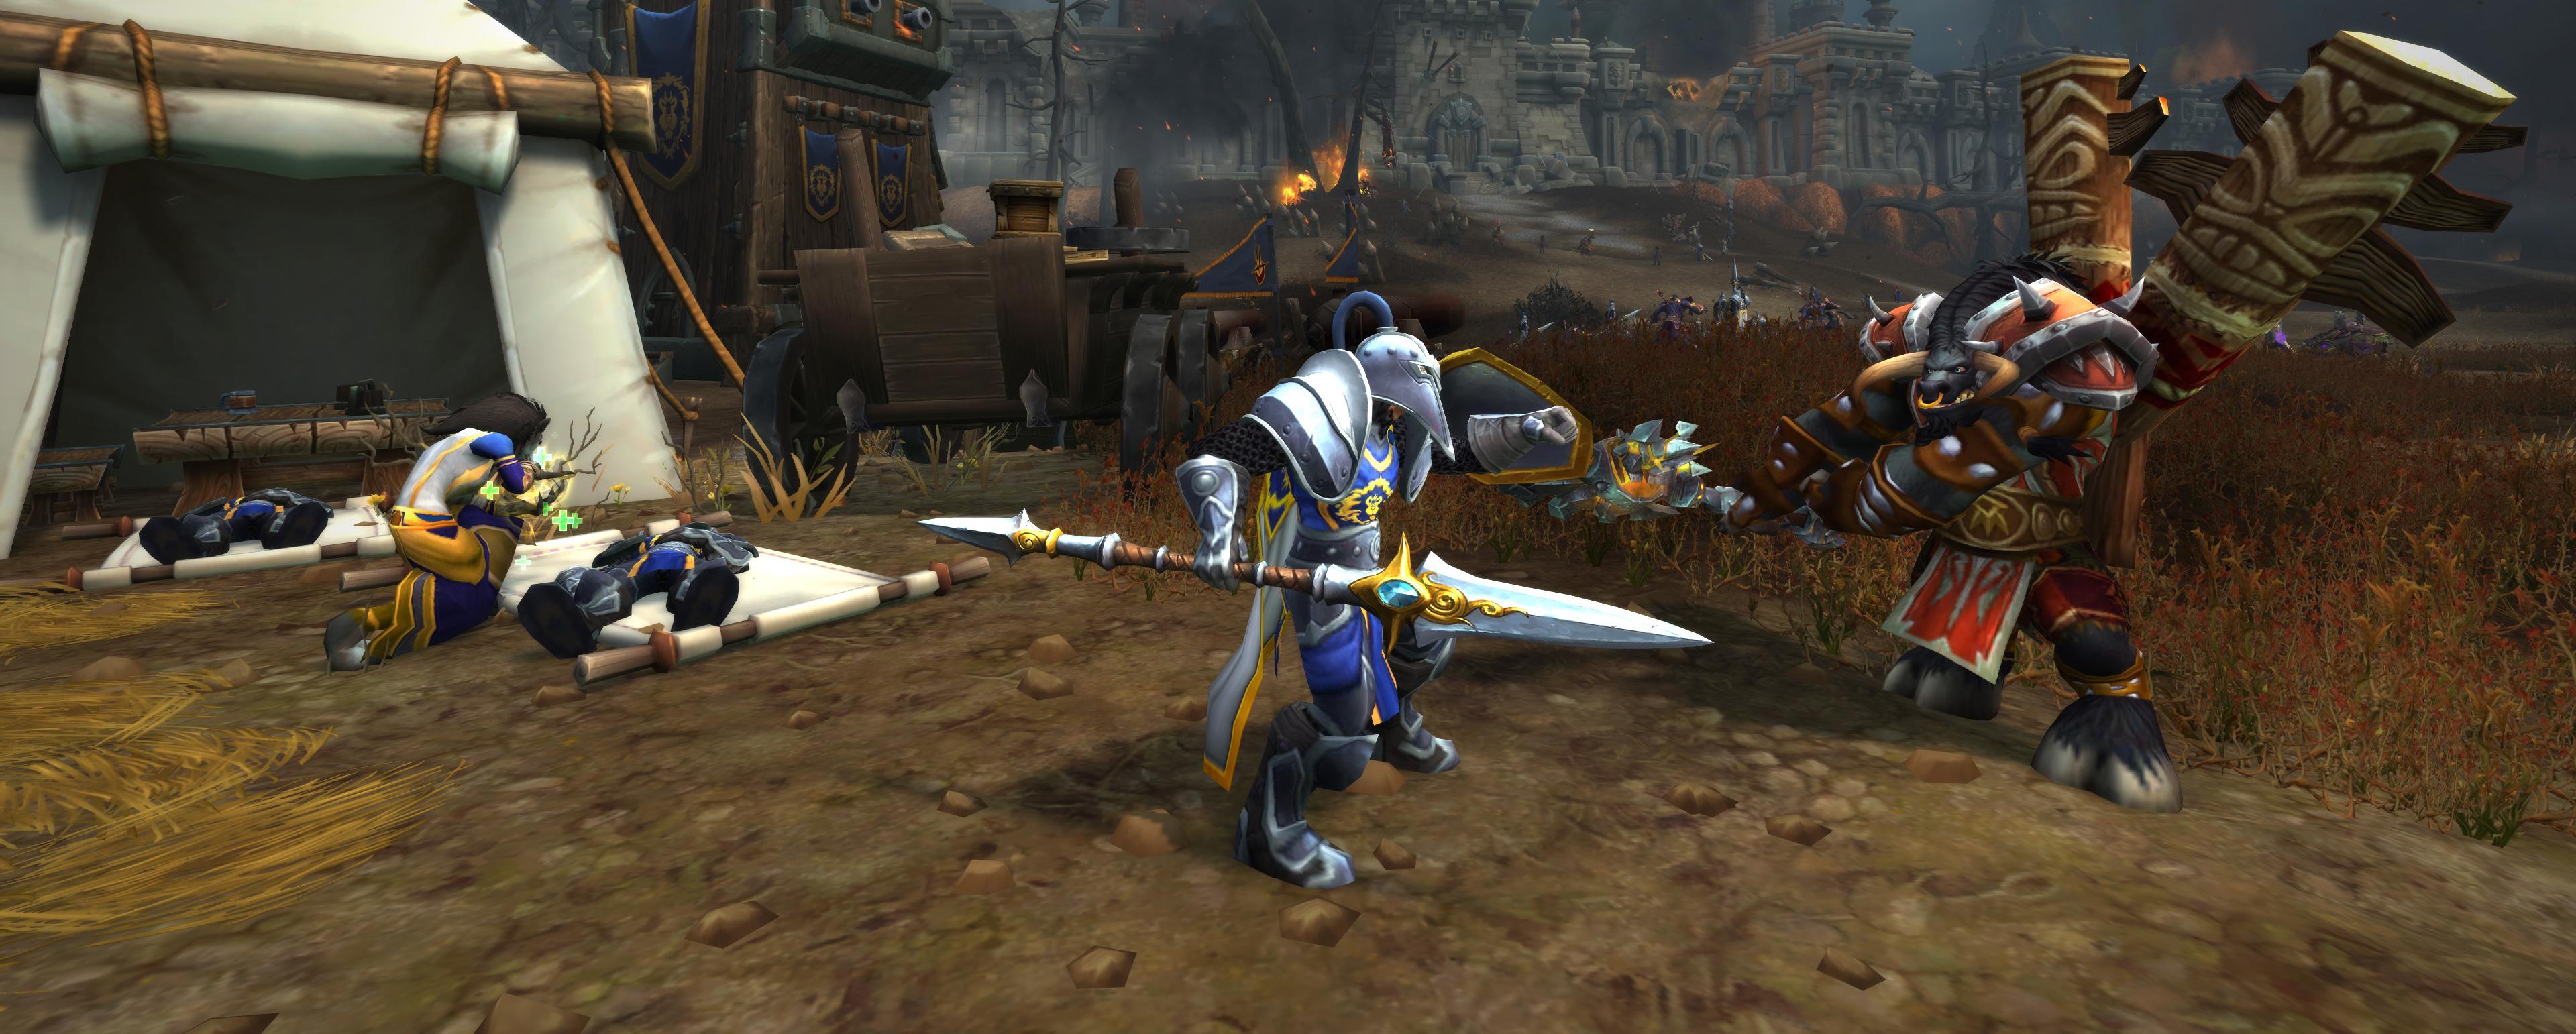 WoW_BattleForAzeroth_SiegeOfLordaeron_slider